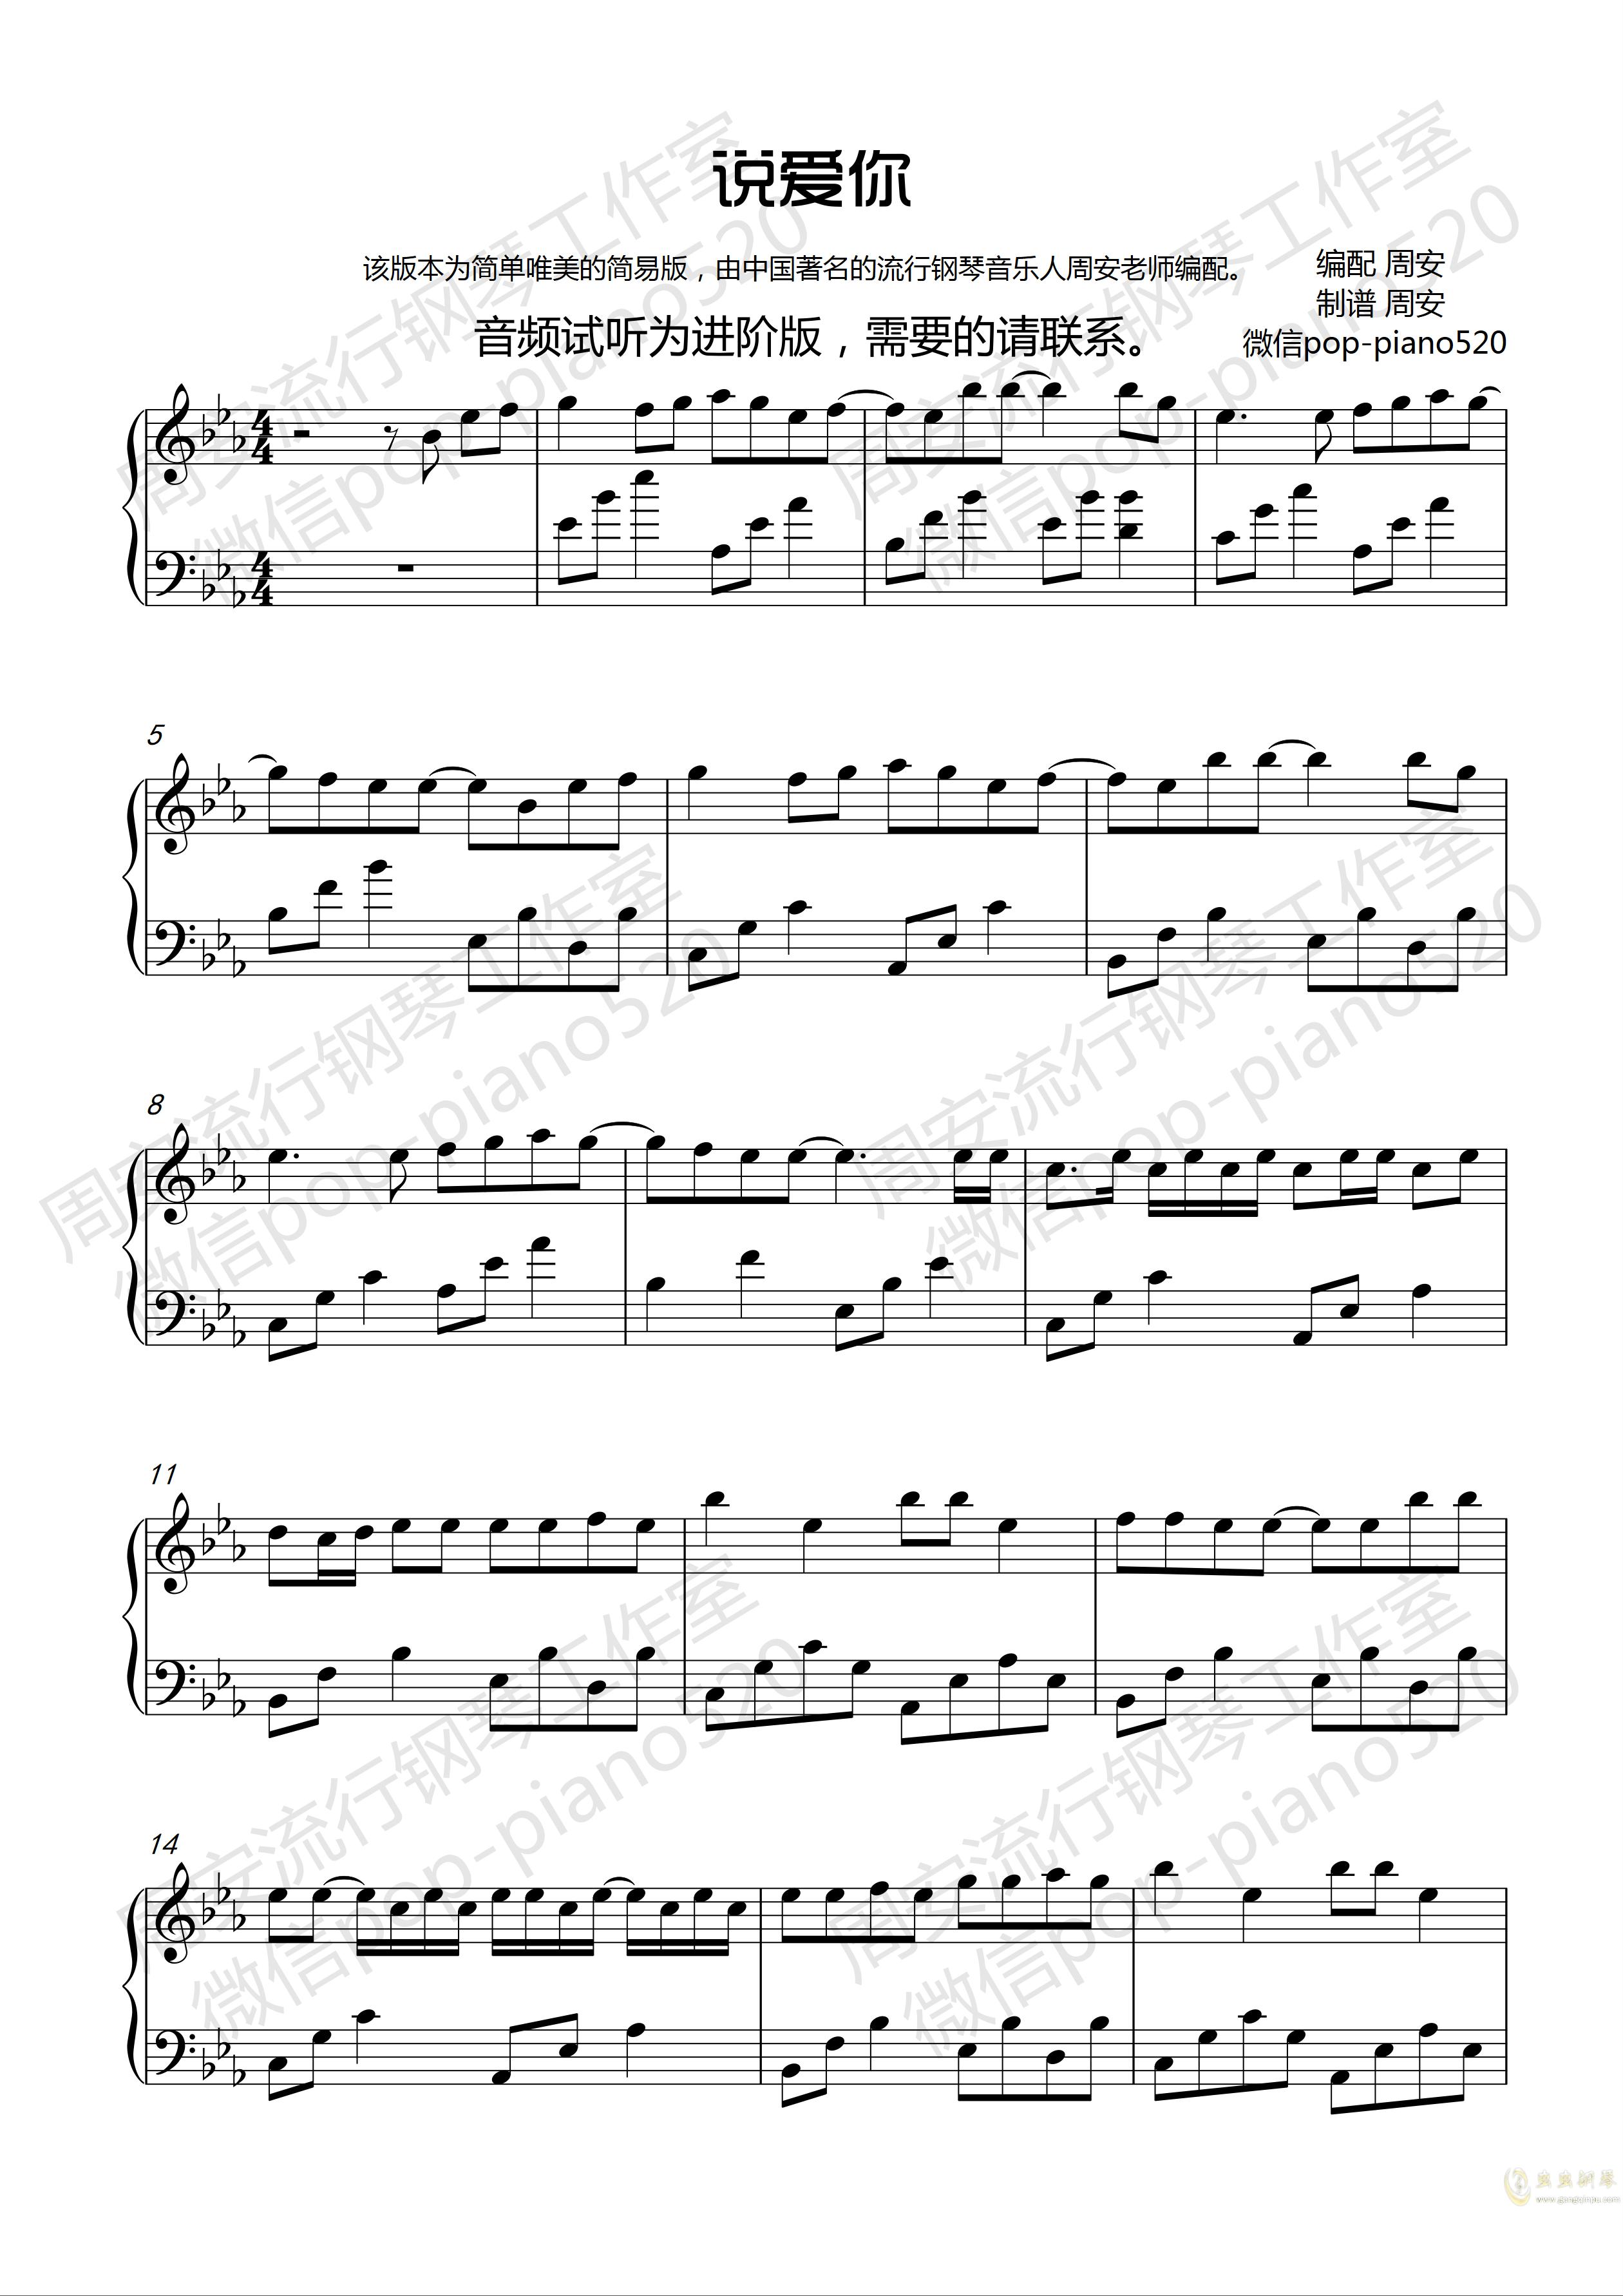 小星星钢琴谱